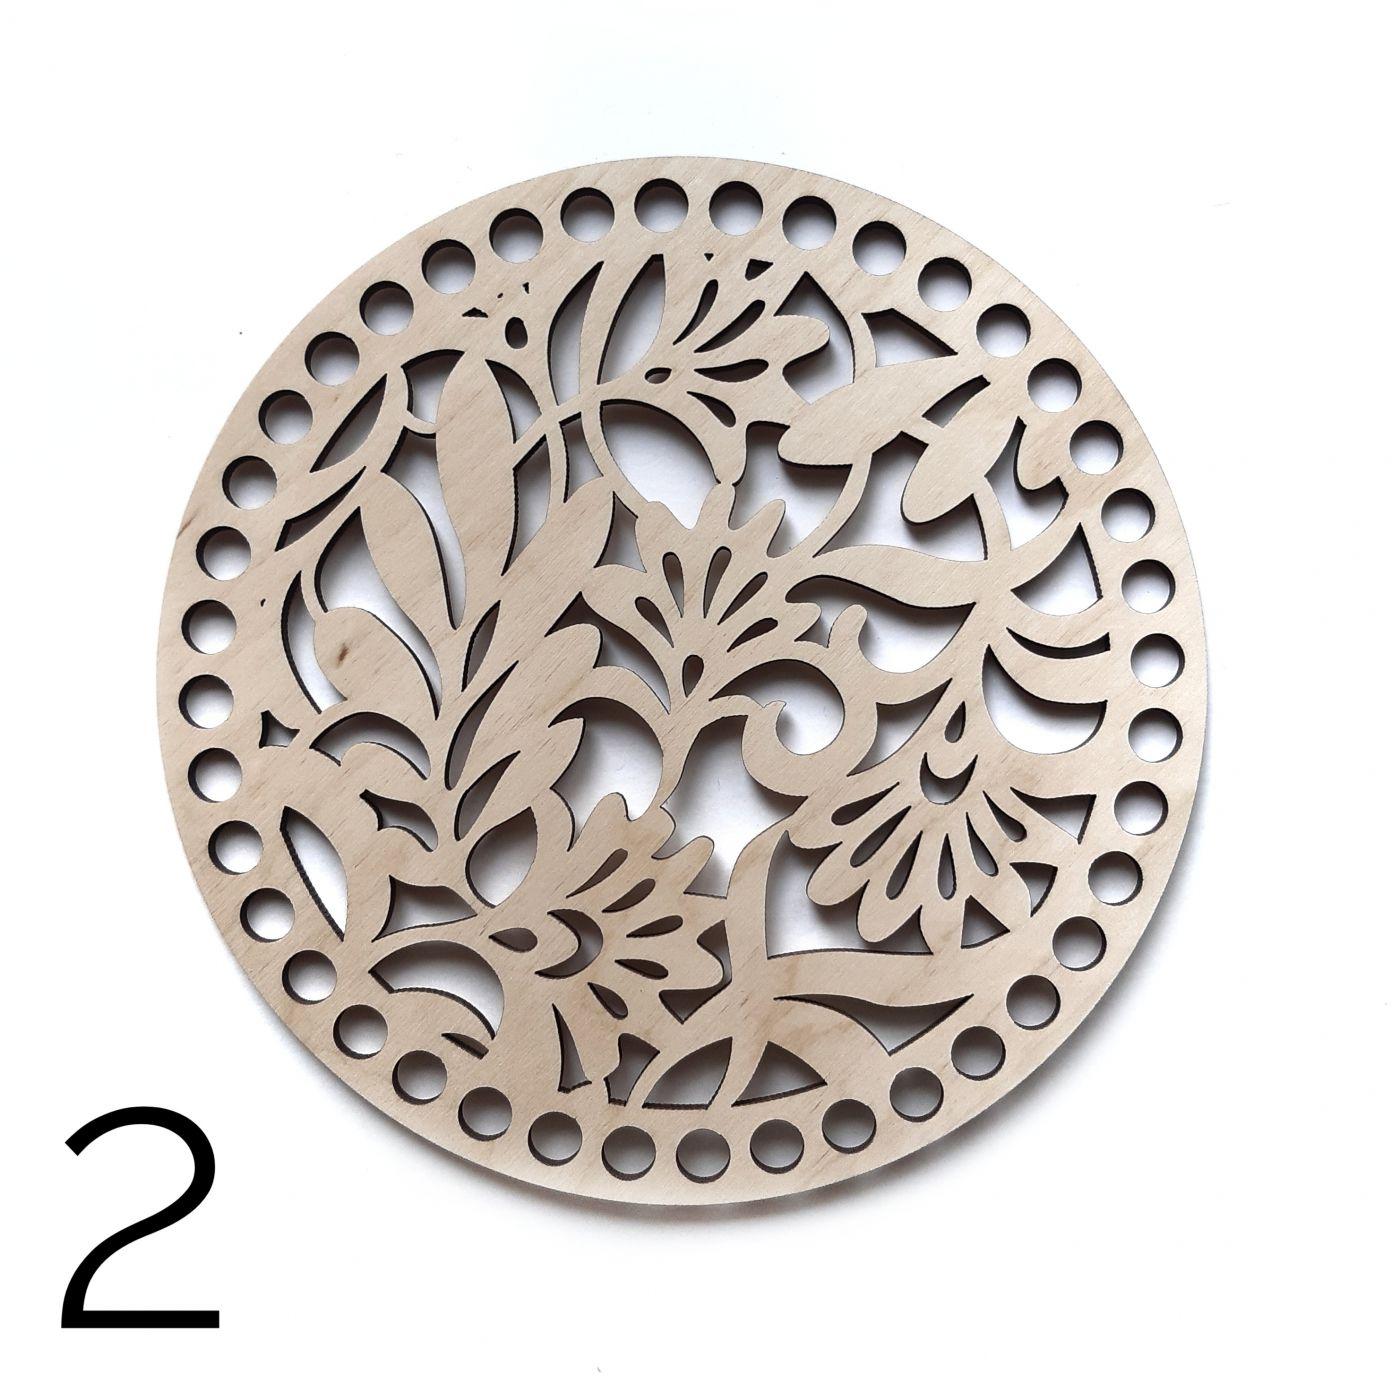 Круг резной фанера 4 мм 16 см 2